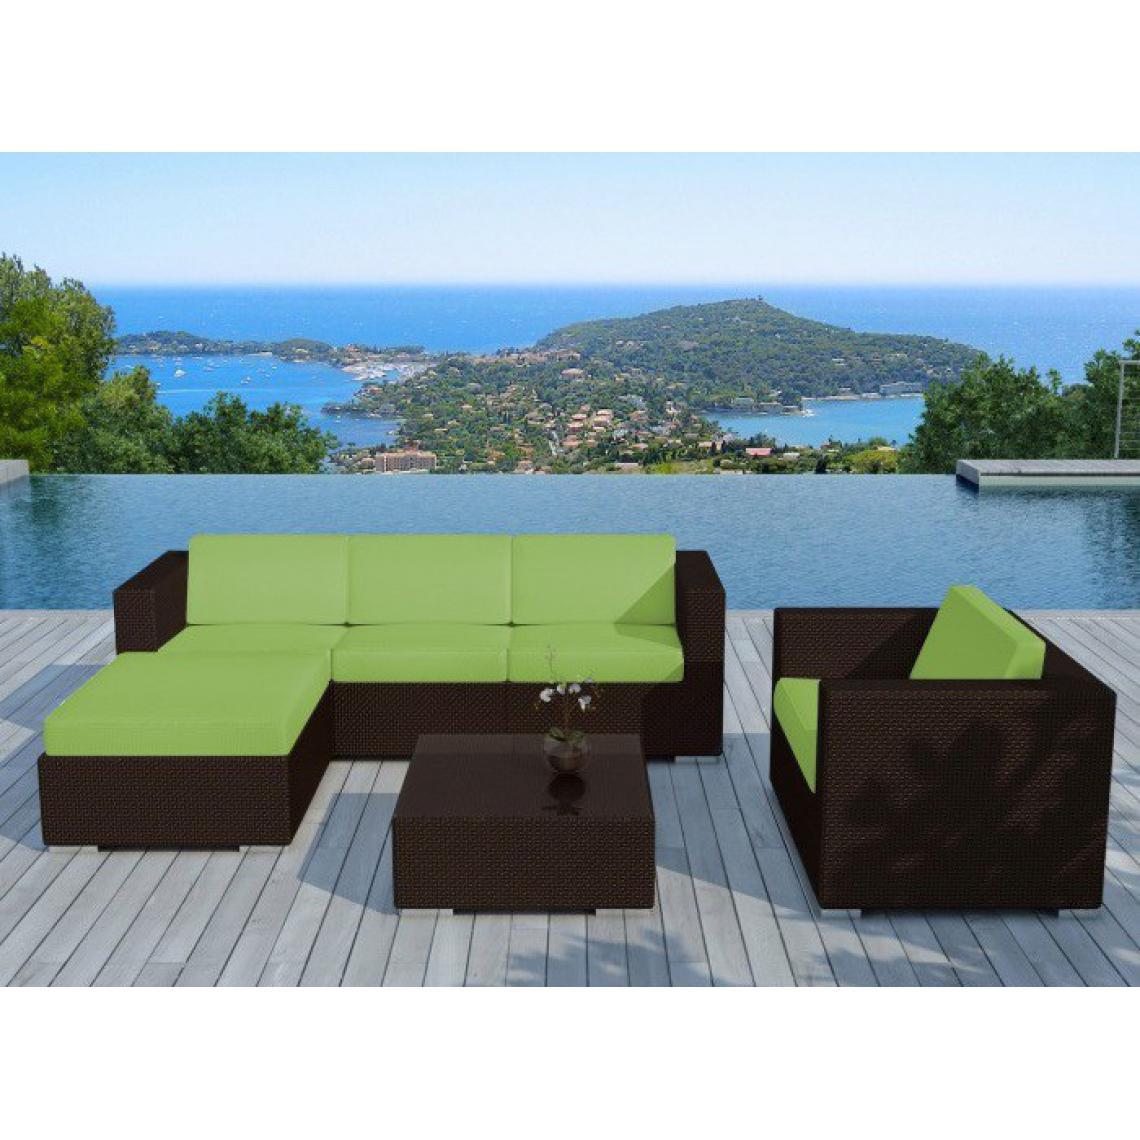 Salon de jardin en résine tressée chocolat et vert LAGON 203x72x63